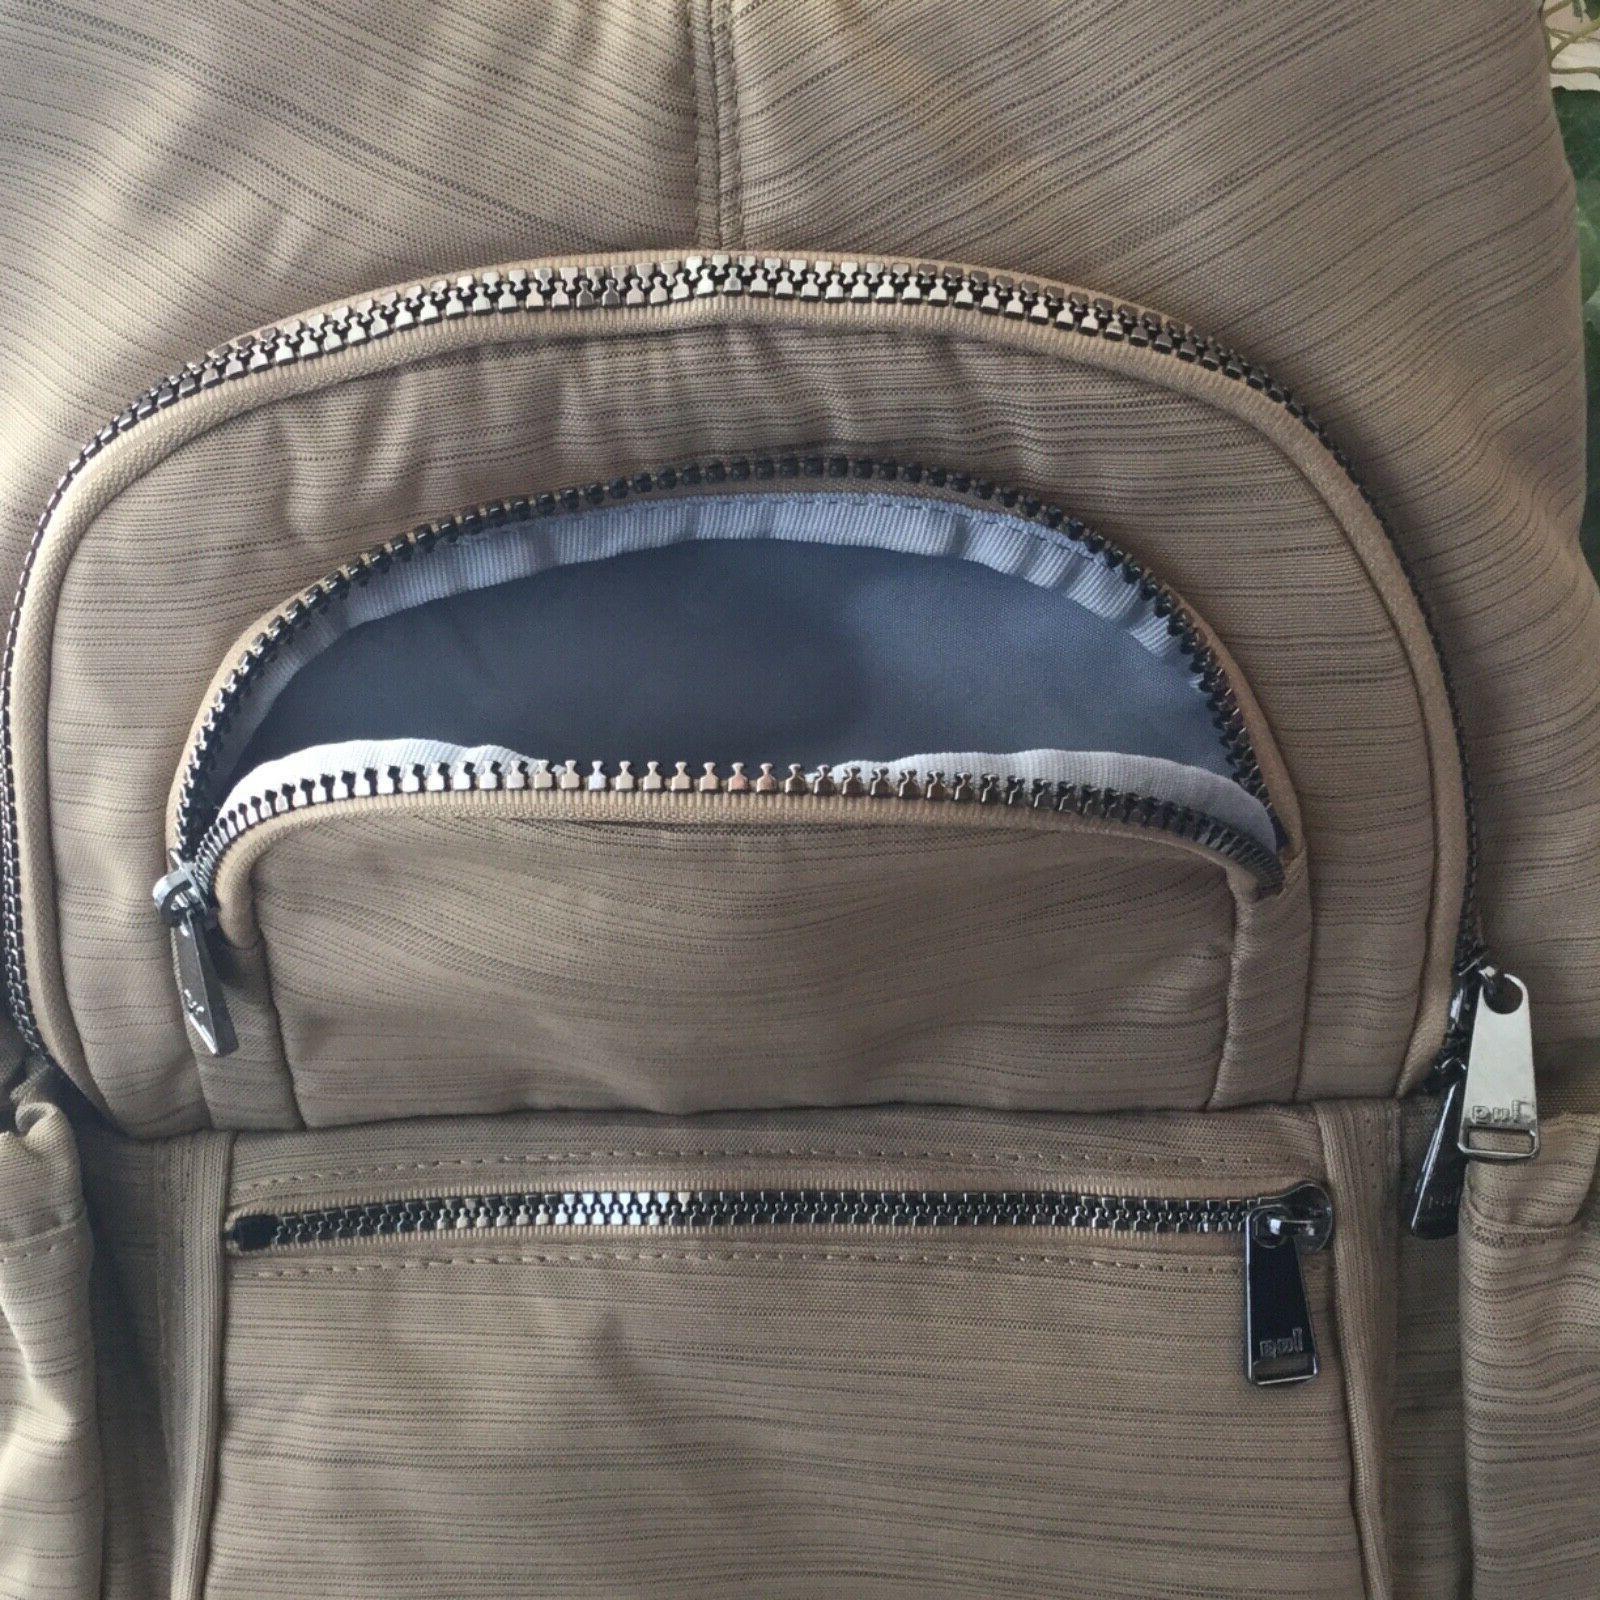 Lug RFID Hatchback Travel Backpack Handbag